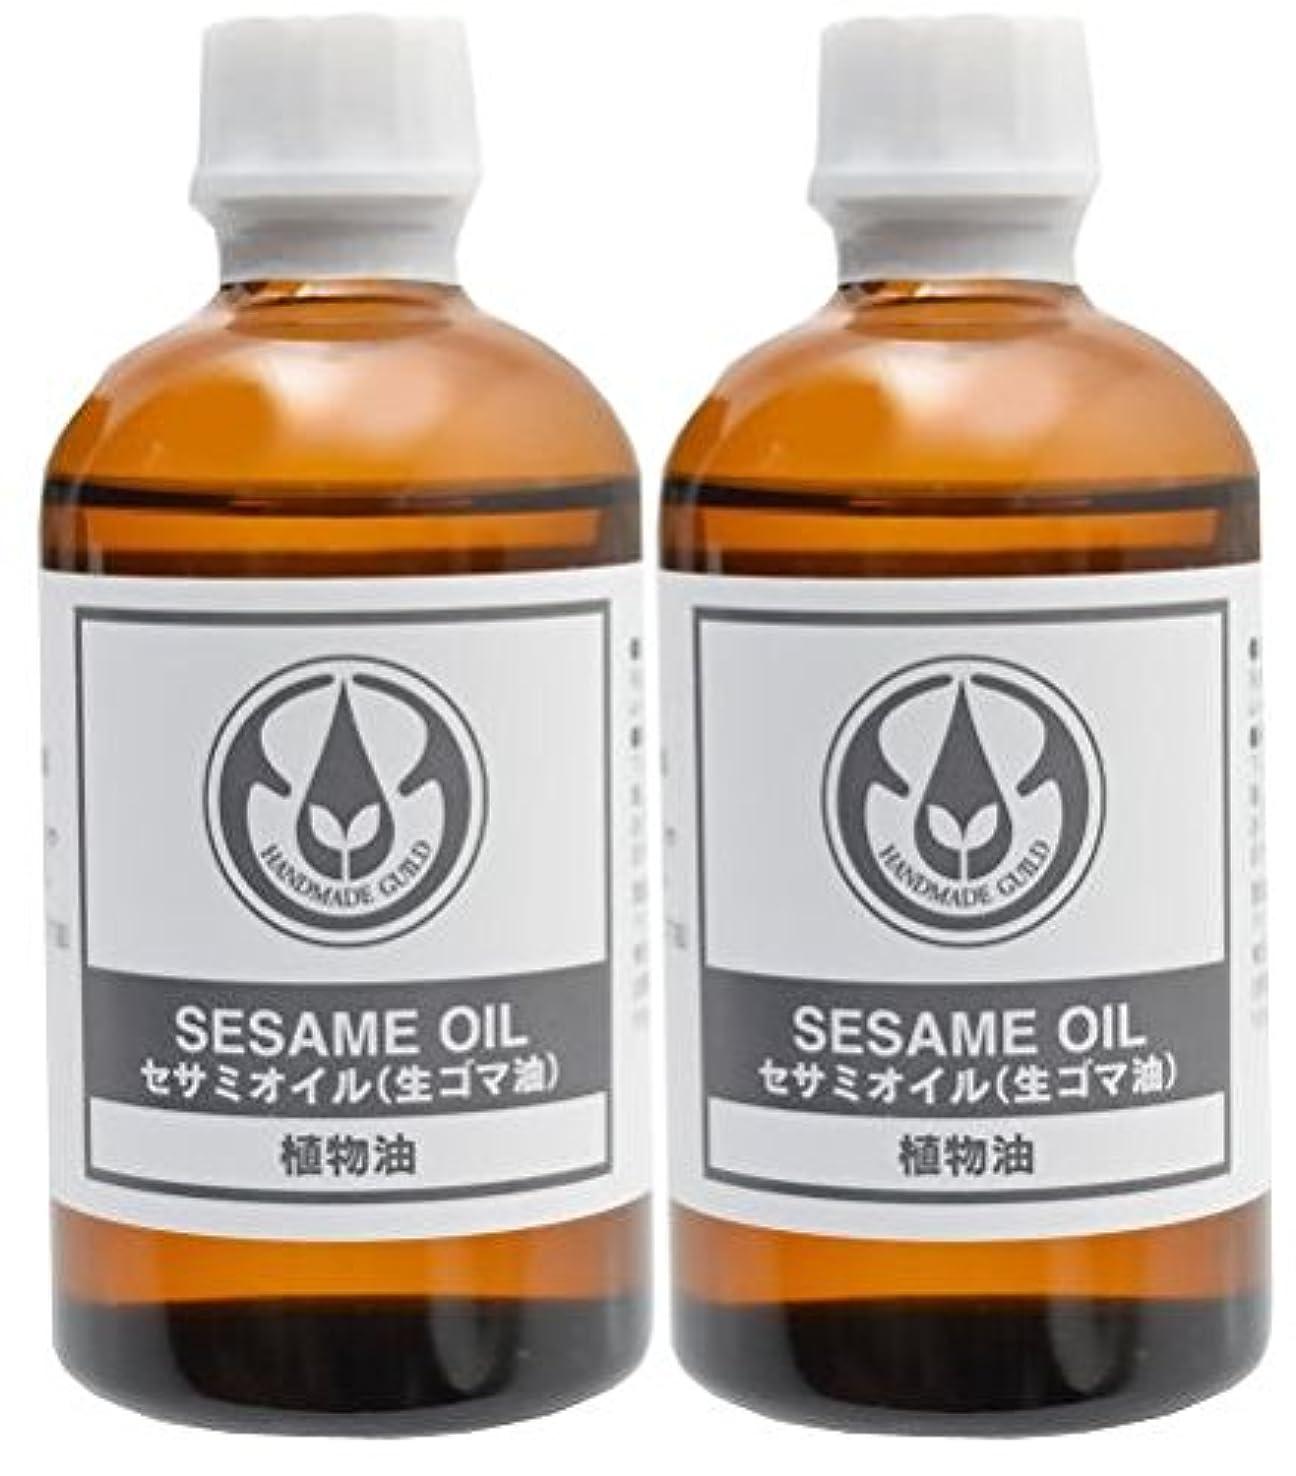 偽特派員広告生活の木 セサミ油 (生ゴマ油) 100ml ×2本セット